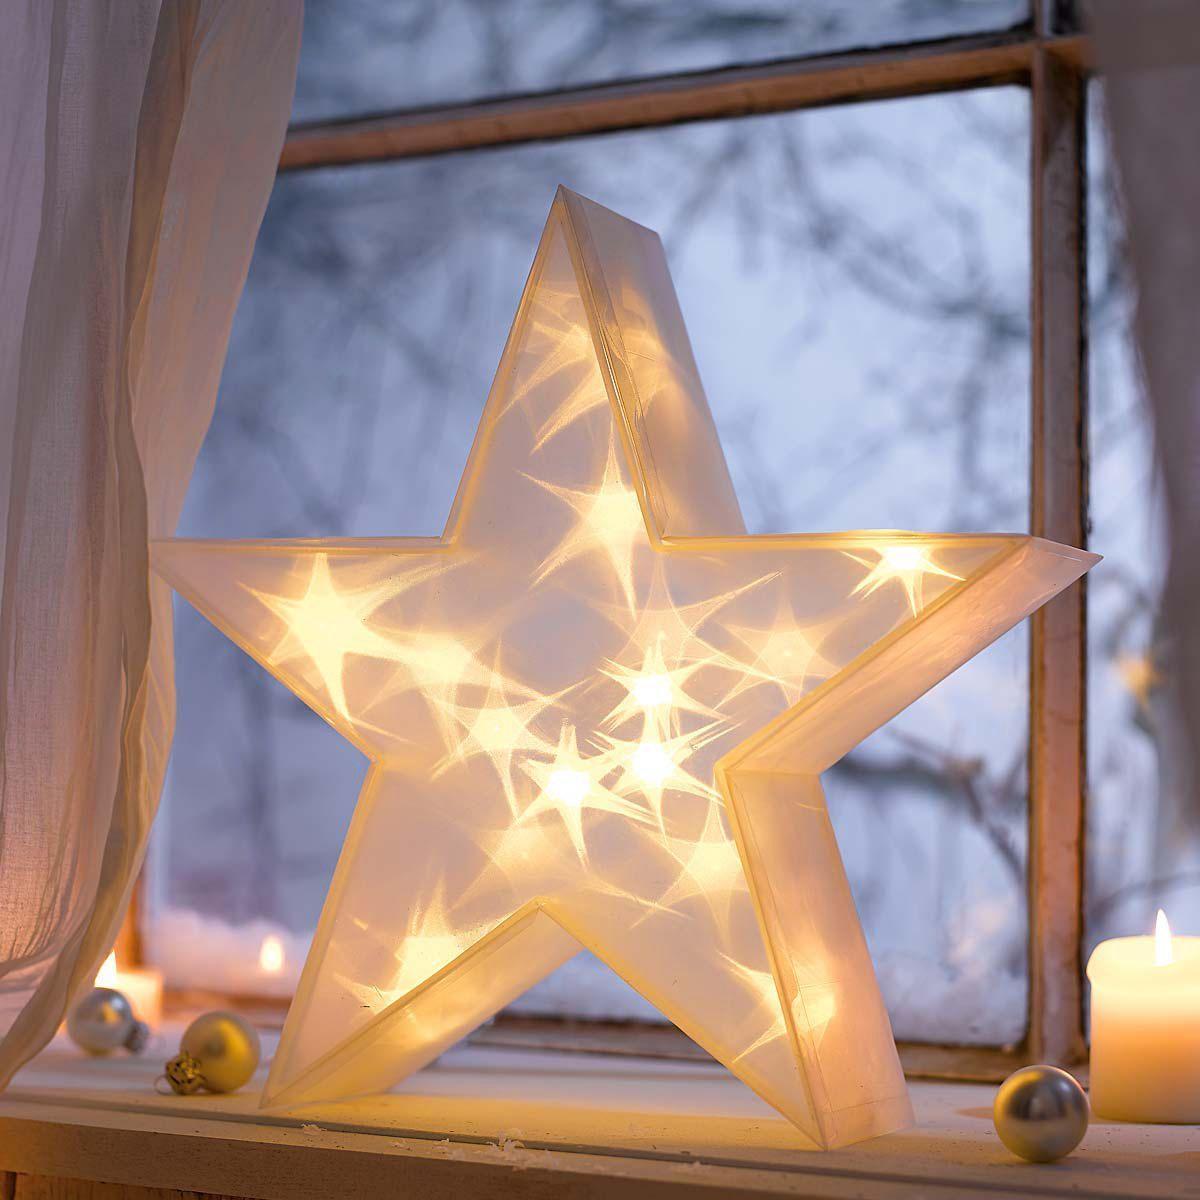 Leuchtender Stern Fur Gemutliche Stunden Stern Leuchtdeko Weihnachten Impressionenversand